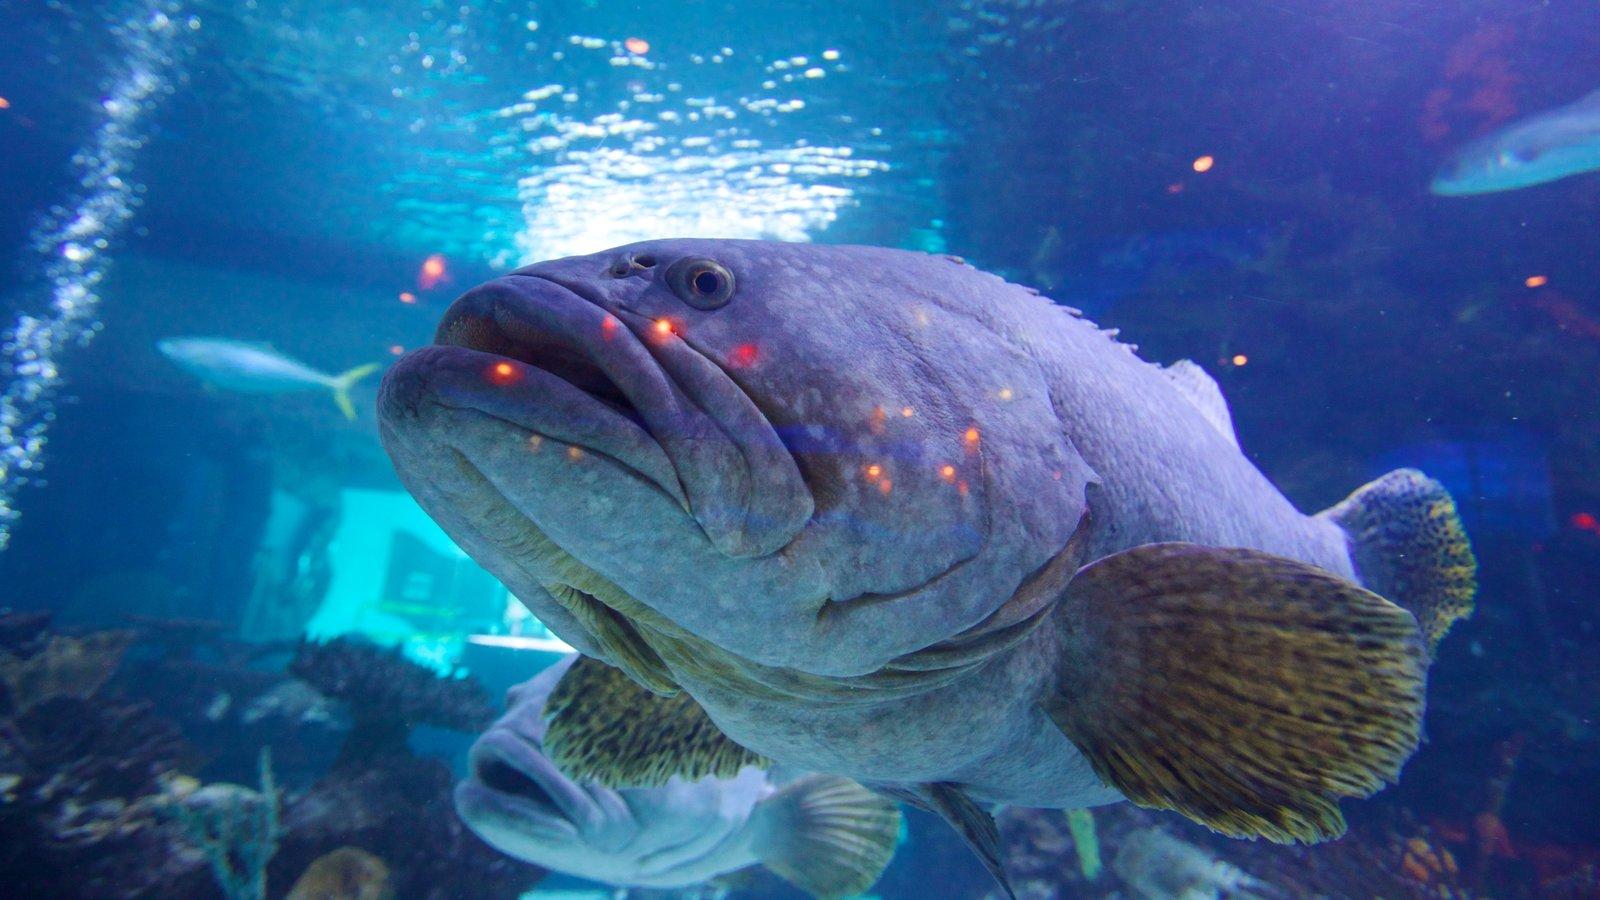 Downtown Aquarium Pictures View Photos Images Of Downtown Aquarium